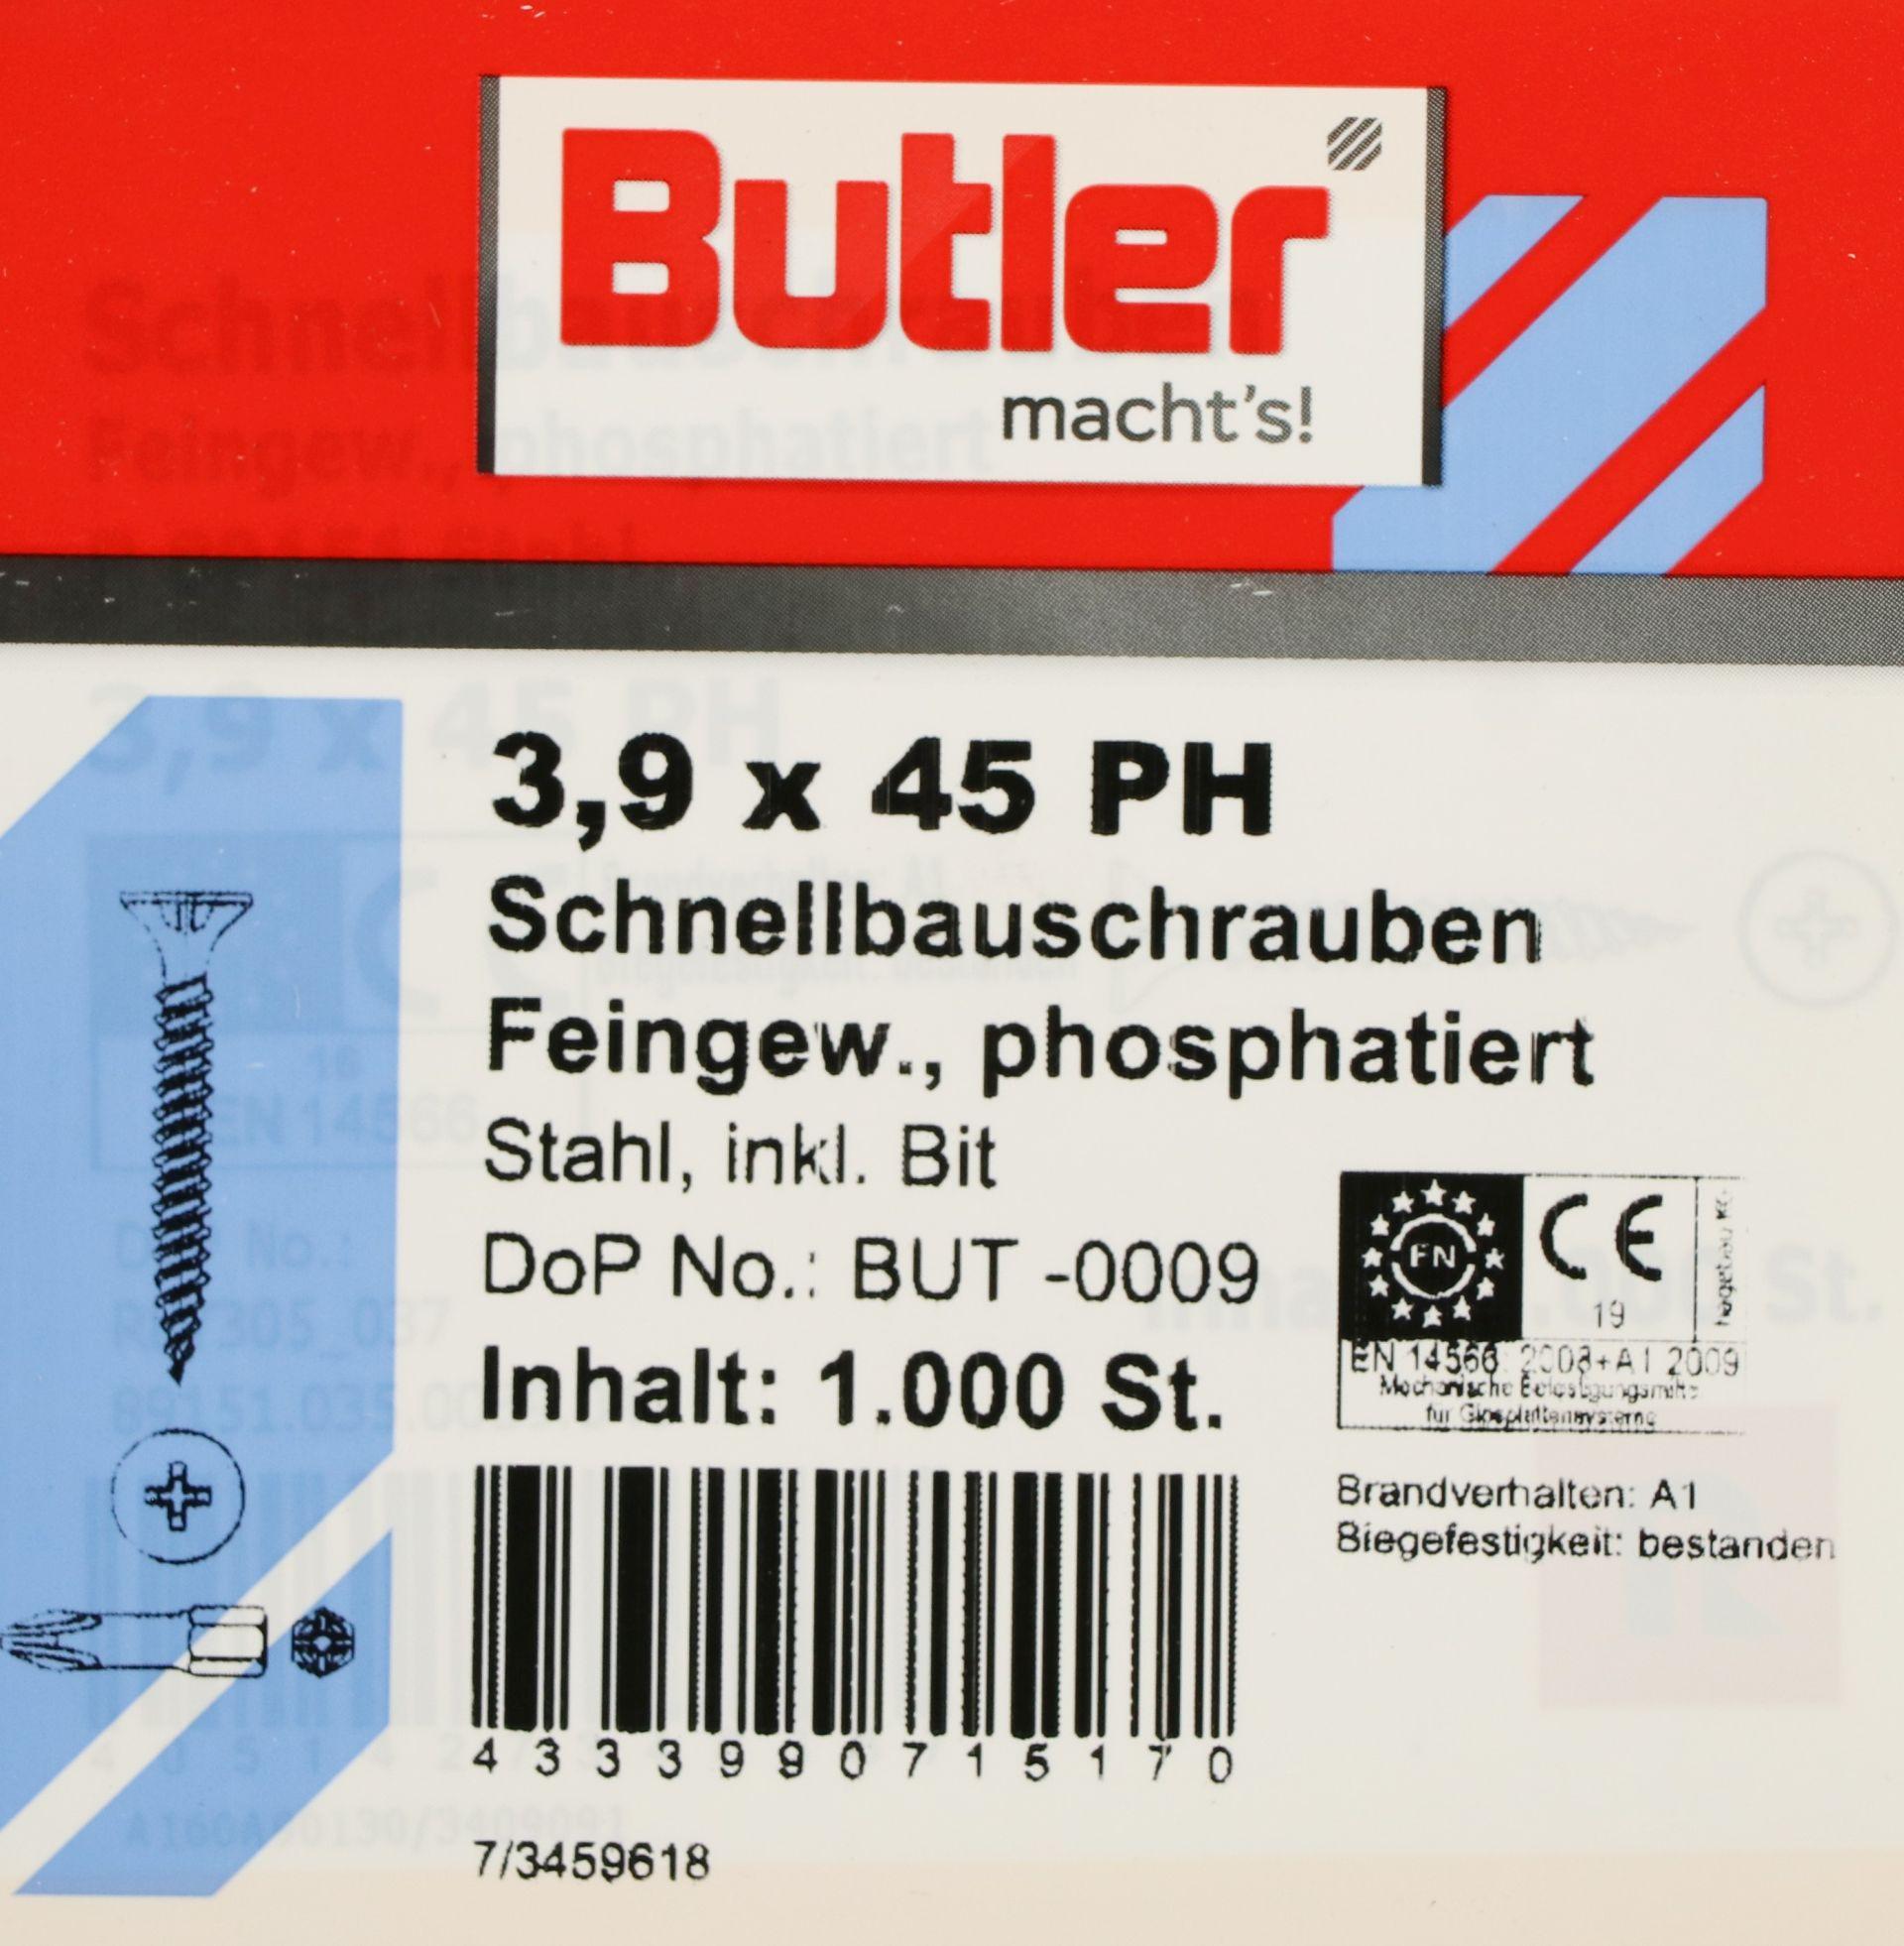 Butler macht's! Schnellbauschraube mit Bit Stahl, Feingewinde, phosphatiert, 3,9 x 45 mm, 1.000 Stück